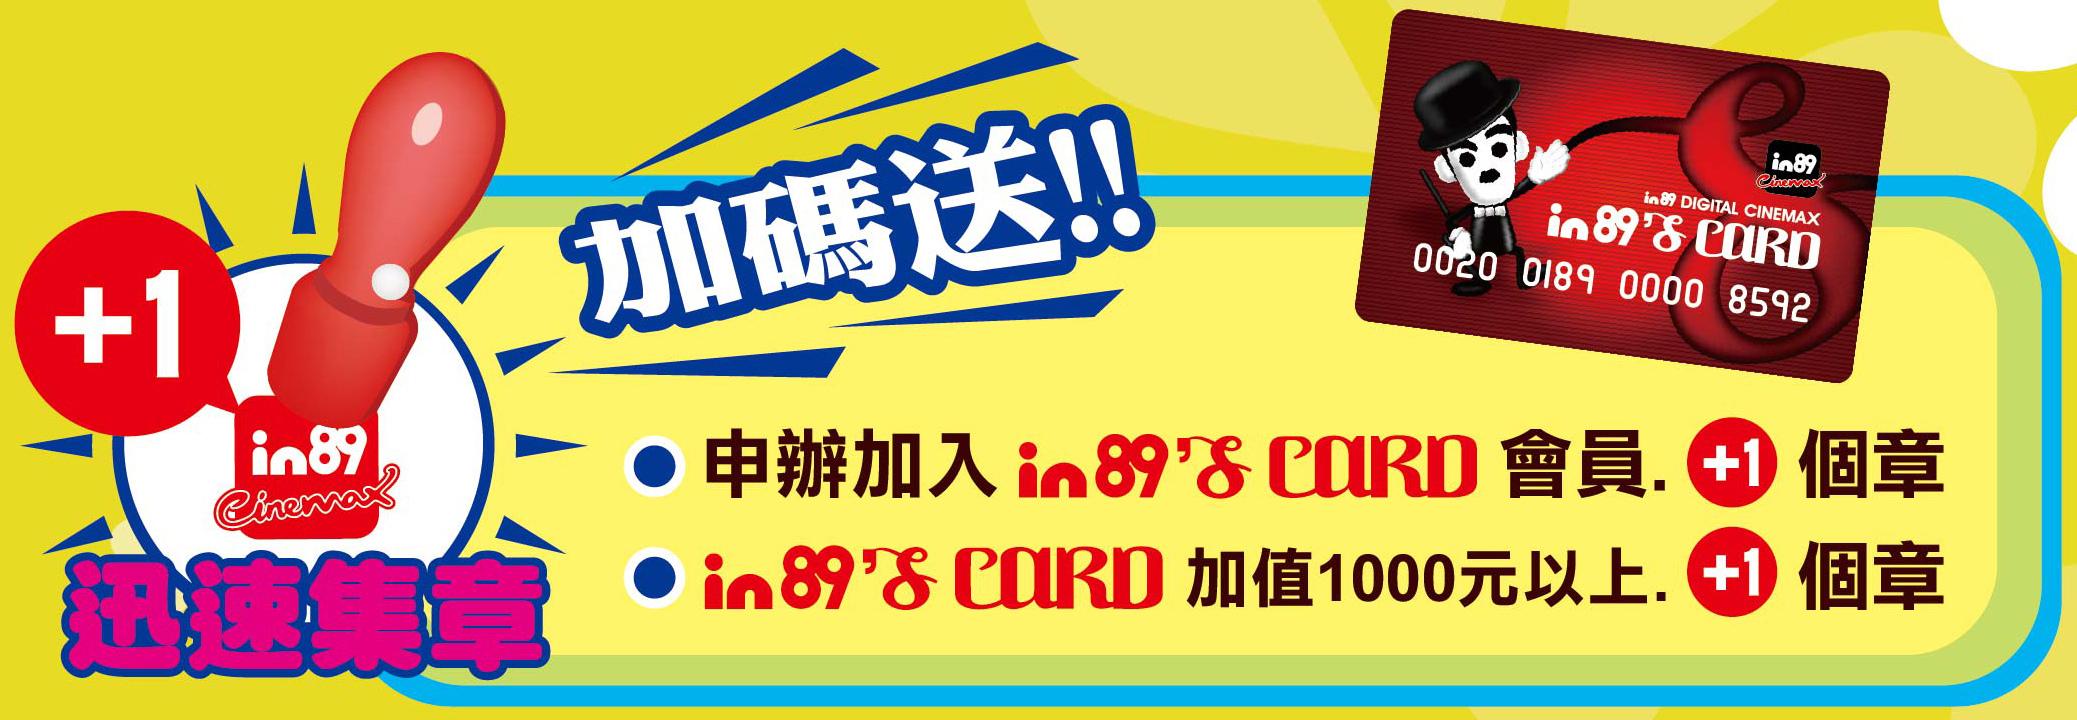 旅行大富翁免費曼谷七投趣-大看板180X200-1213-01